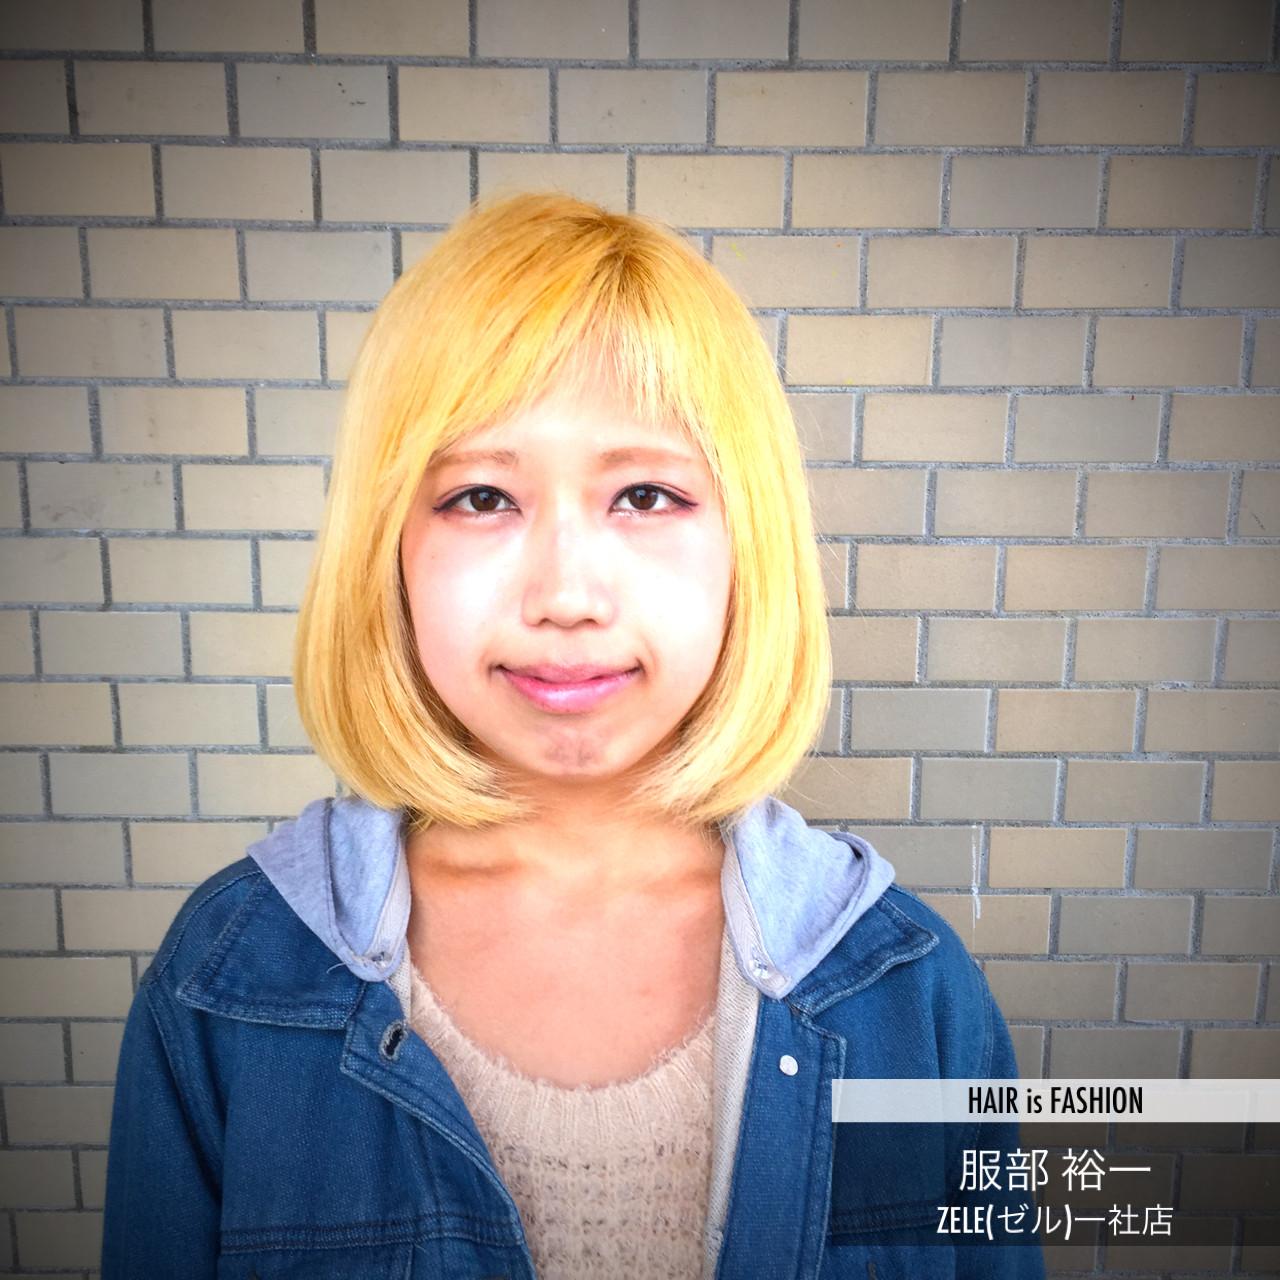 ハイトーン 卵型 モテ髪 ダブルバング ヘアスタイルや髪型の写真・画像